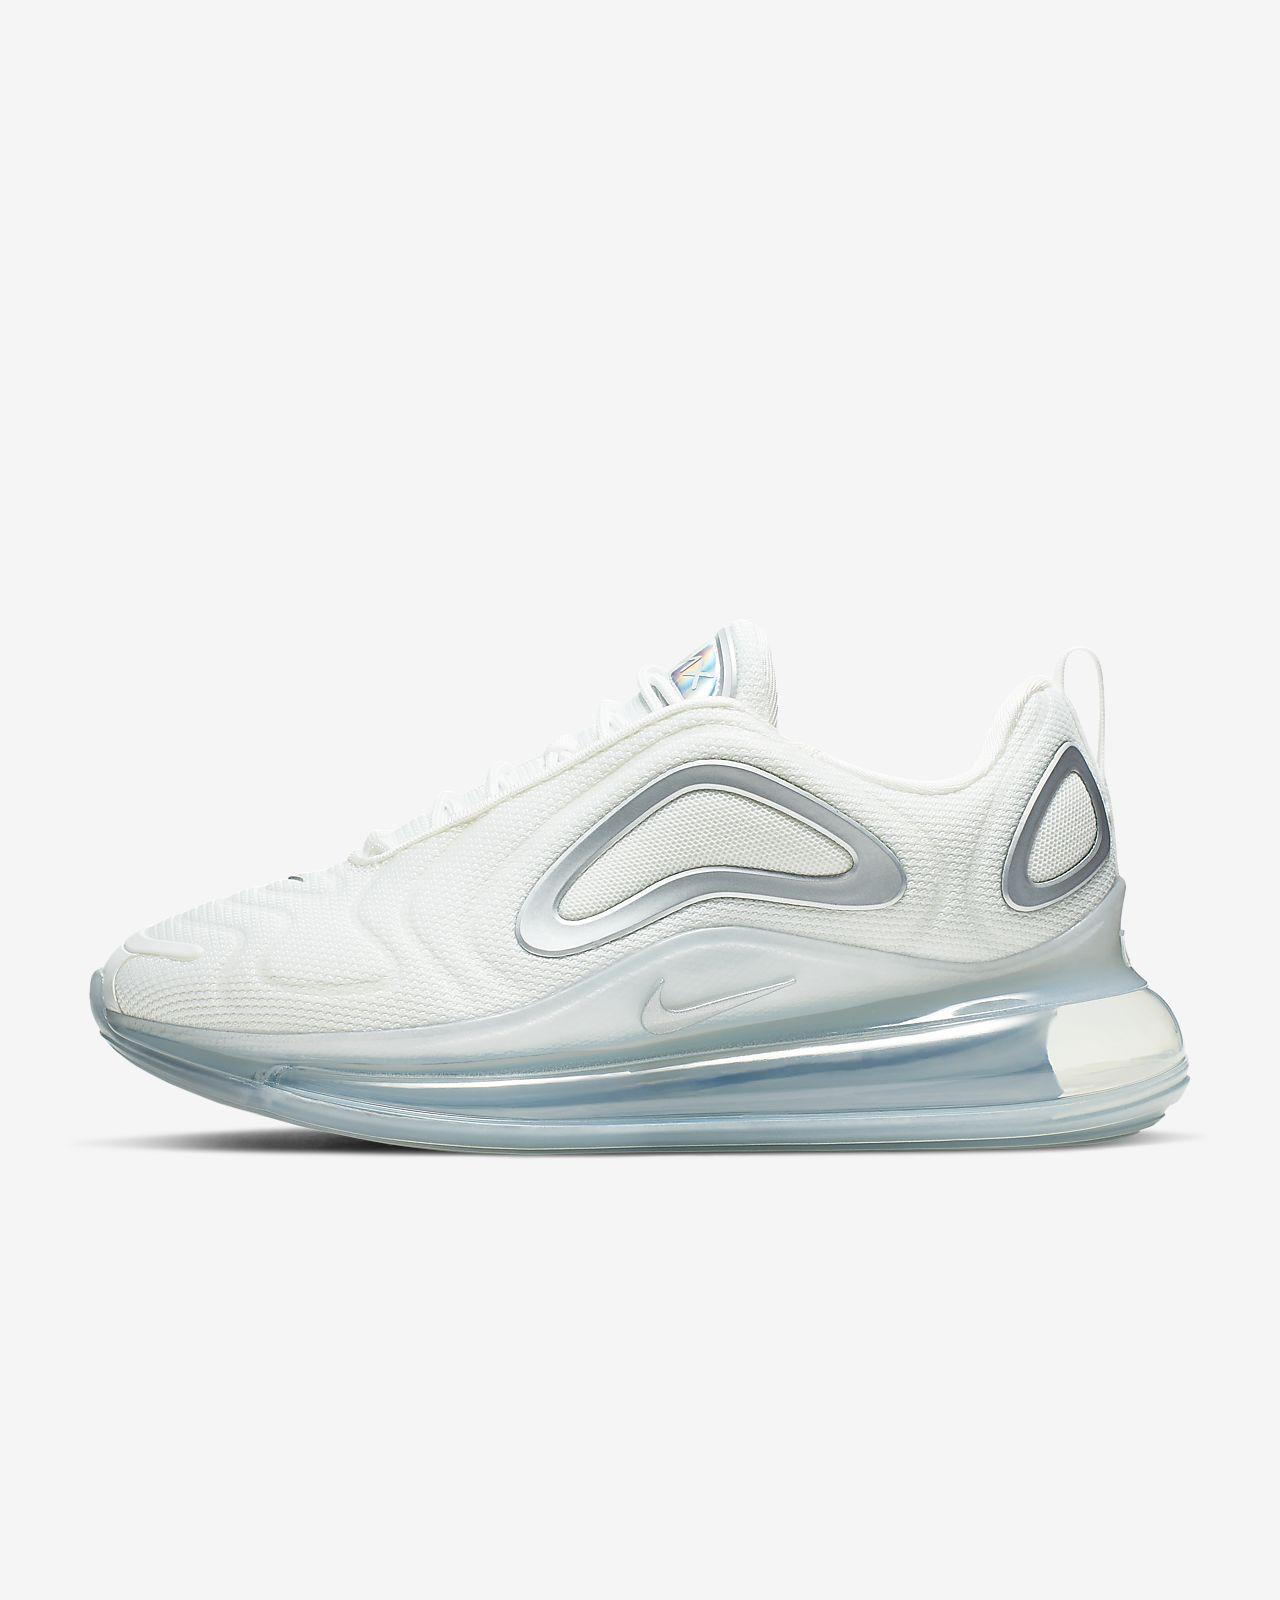 Nike Air Max 720 Parlak Kadın Ayakkabısı